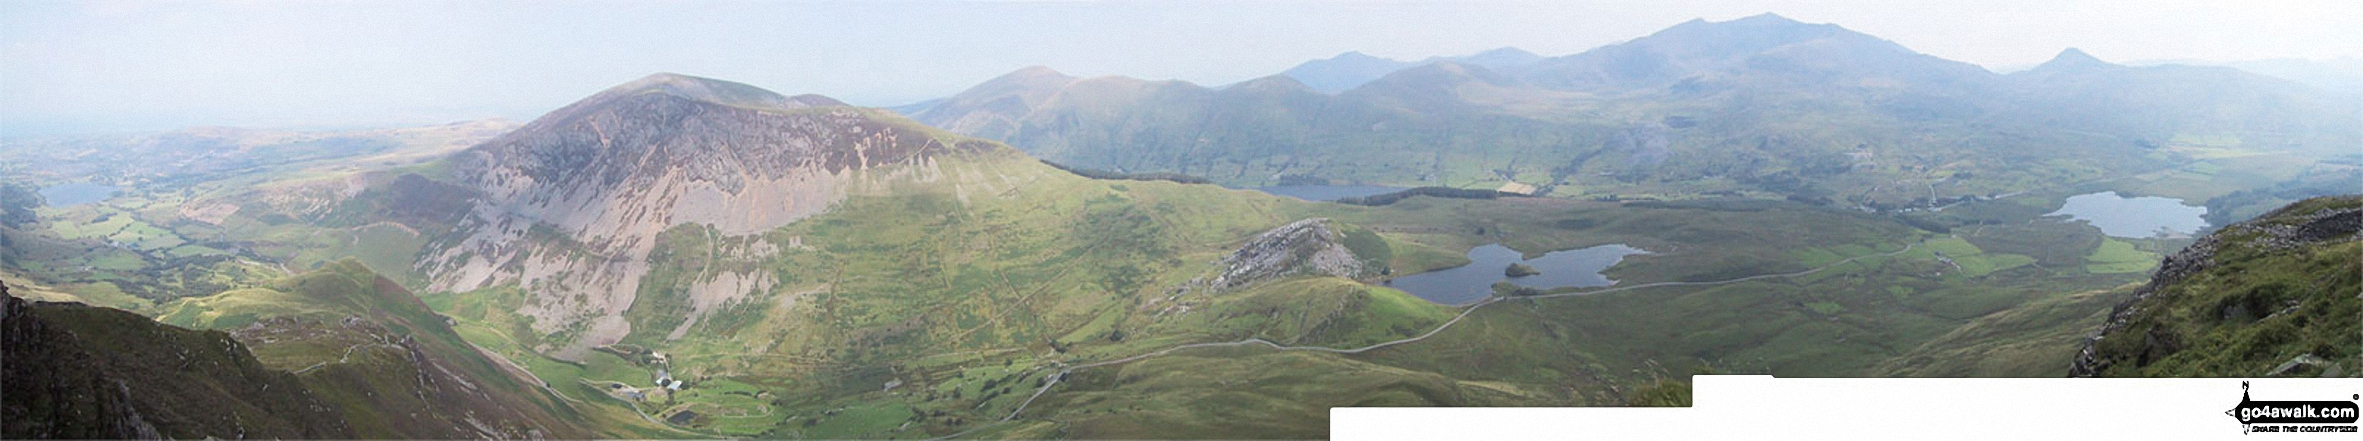 Llyn Nantlle Uchaf, Dyffryn Nantlle, Mynydd Mawr, Rhyd Ddu, Llyn y Dywarchen, The Snowdon Massif (Moel Eilio (Llanberis), Foel Gron, Moel Cynghorion, Garnedd Ugain (Crib y Ddysgl), Snowdon (Yr Wyddfa), Y Lliwedd and Yr Aran from Y Garn (Moel Hebog)